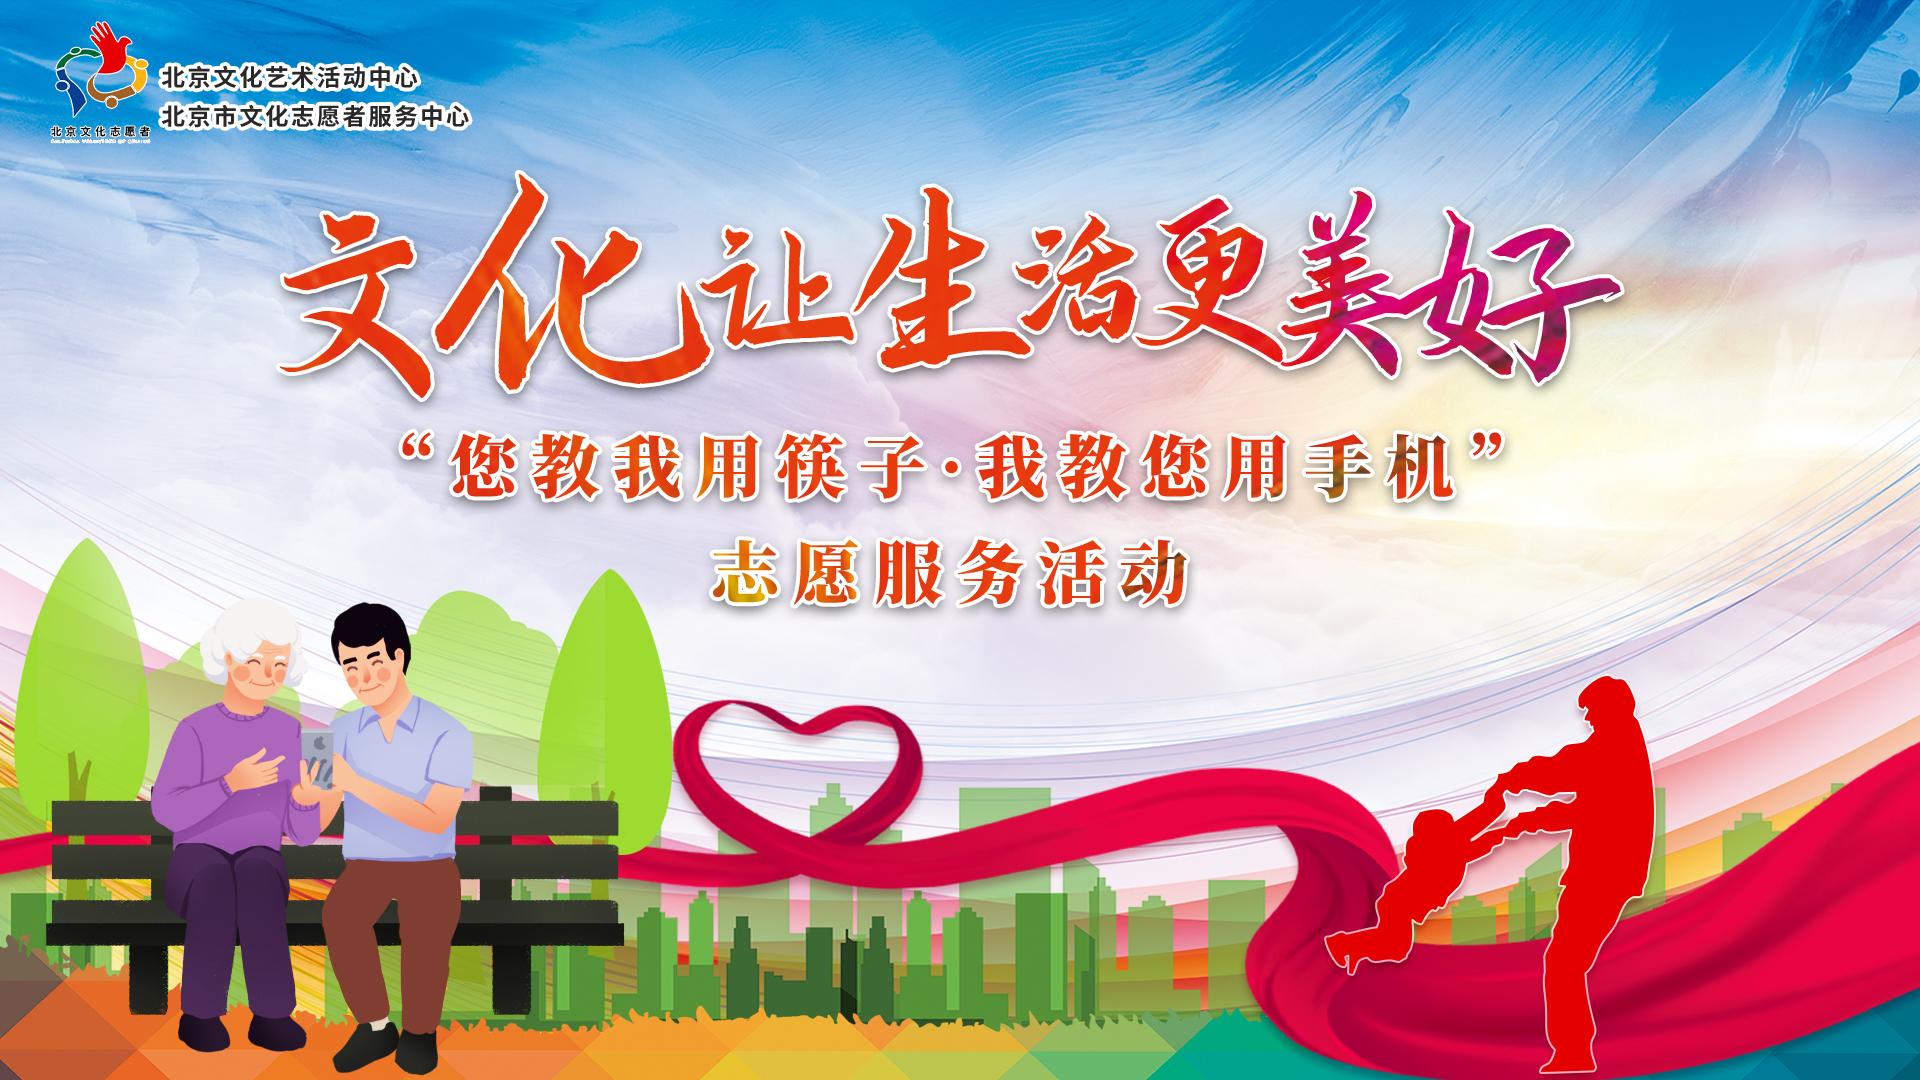 北京市智慧助老公益廣告之打車出行篇